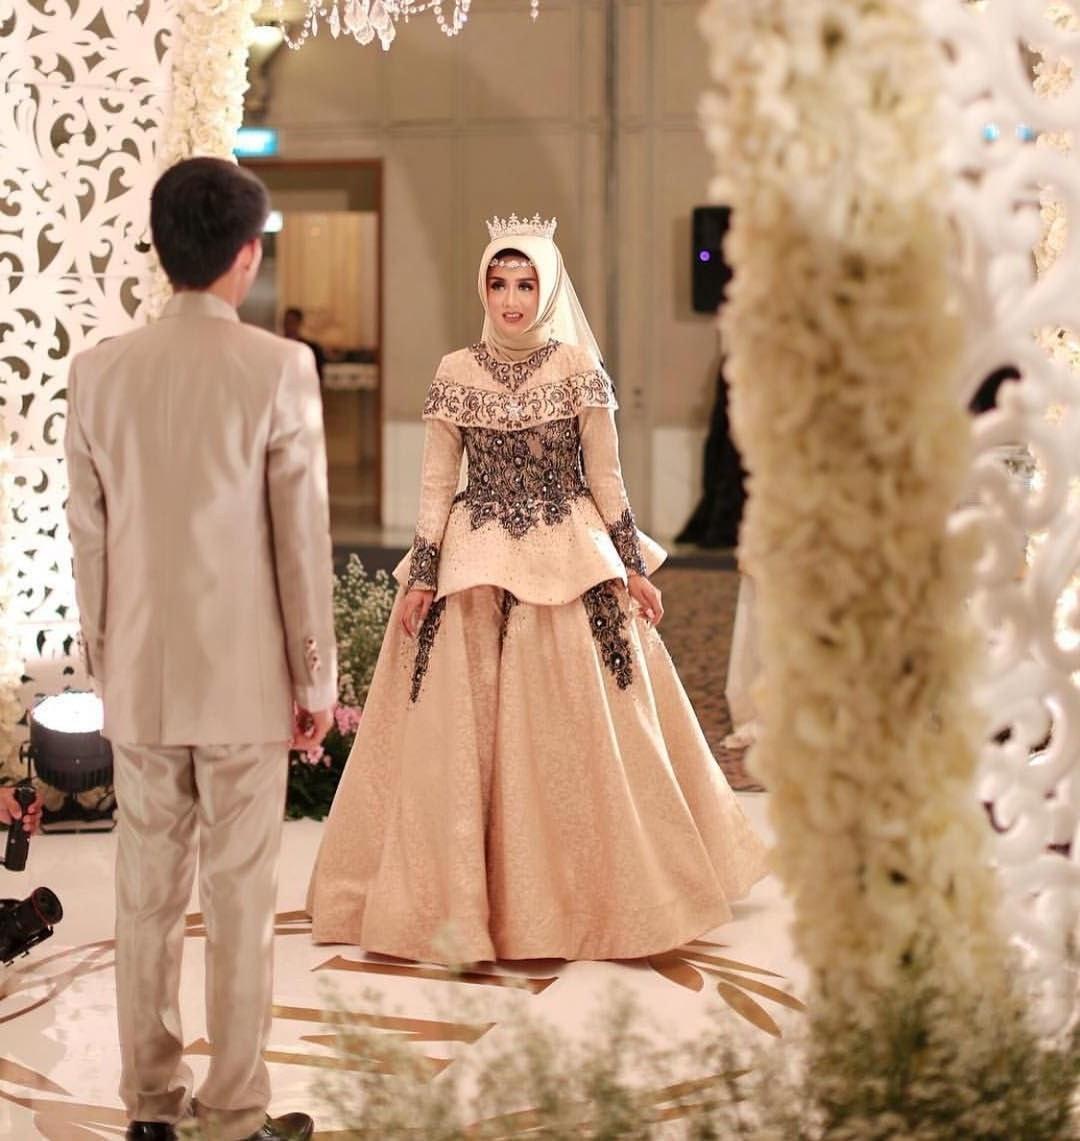 Design Gaun Pengantin Muslimah 2018 X8d1 17 Model Baju Pengantin Muslim 2018 Desain Elegan Cantik